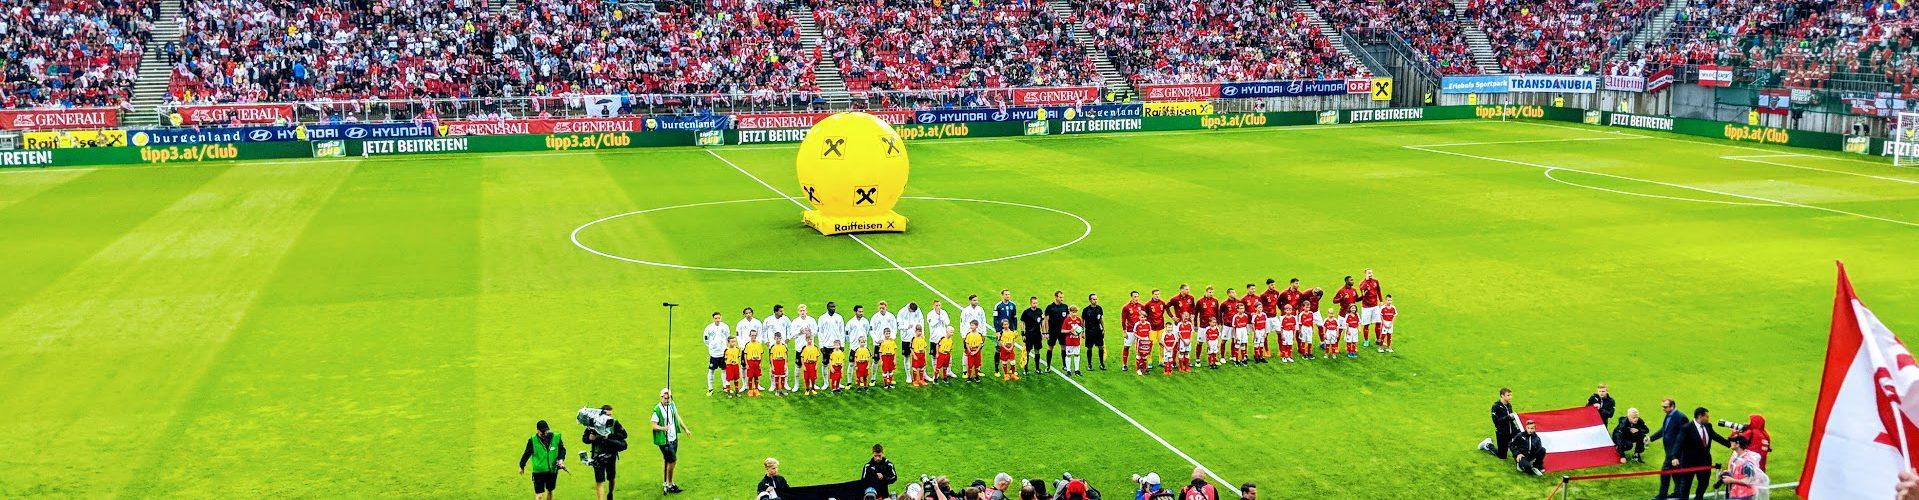 Freundschaftsspiel Deutschland Österreich öfb